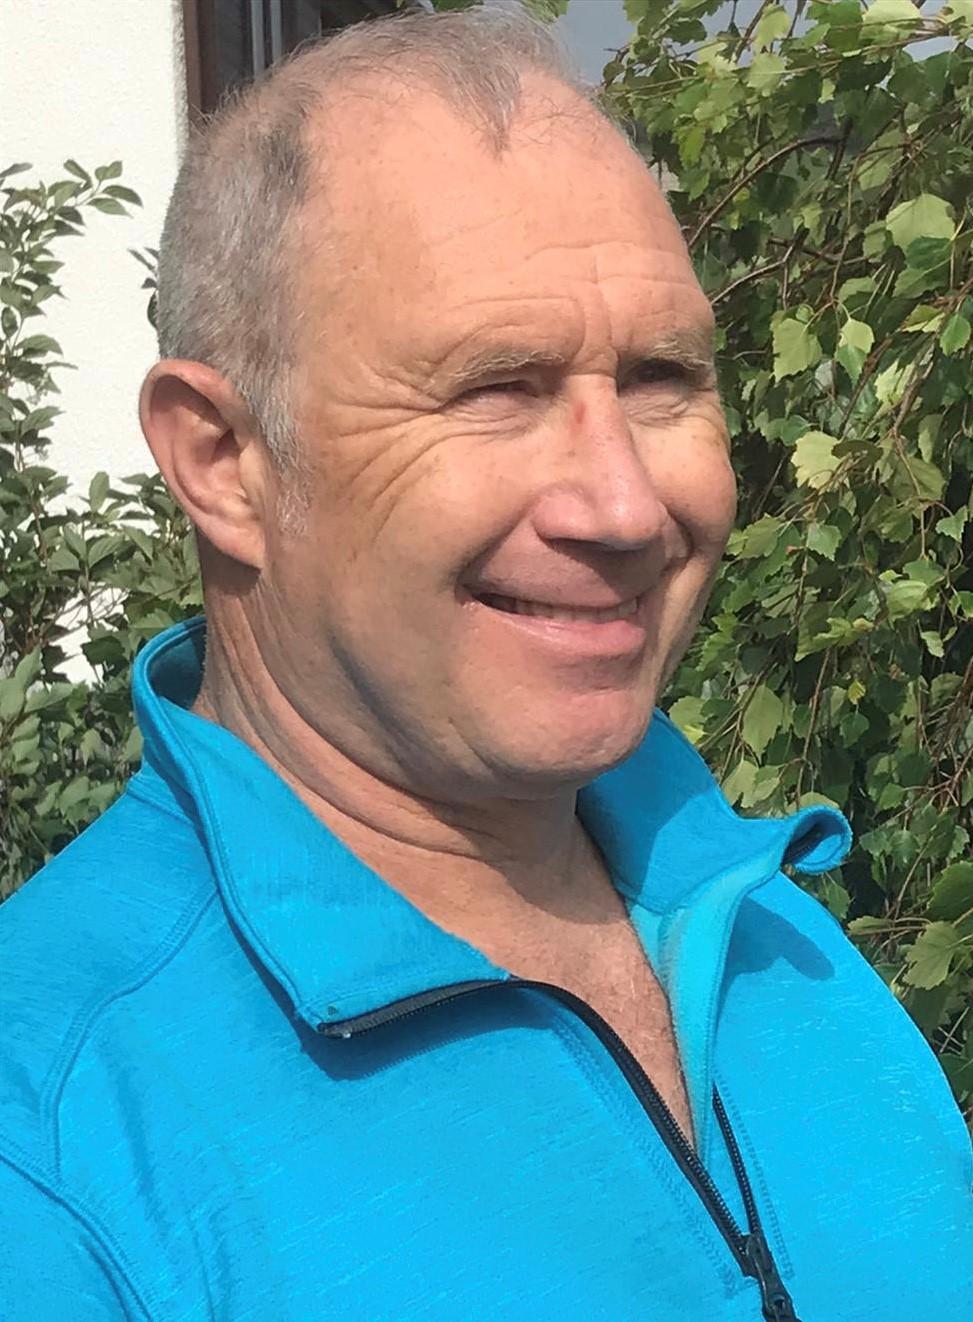 Ian Kavanagh